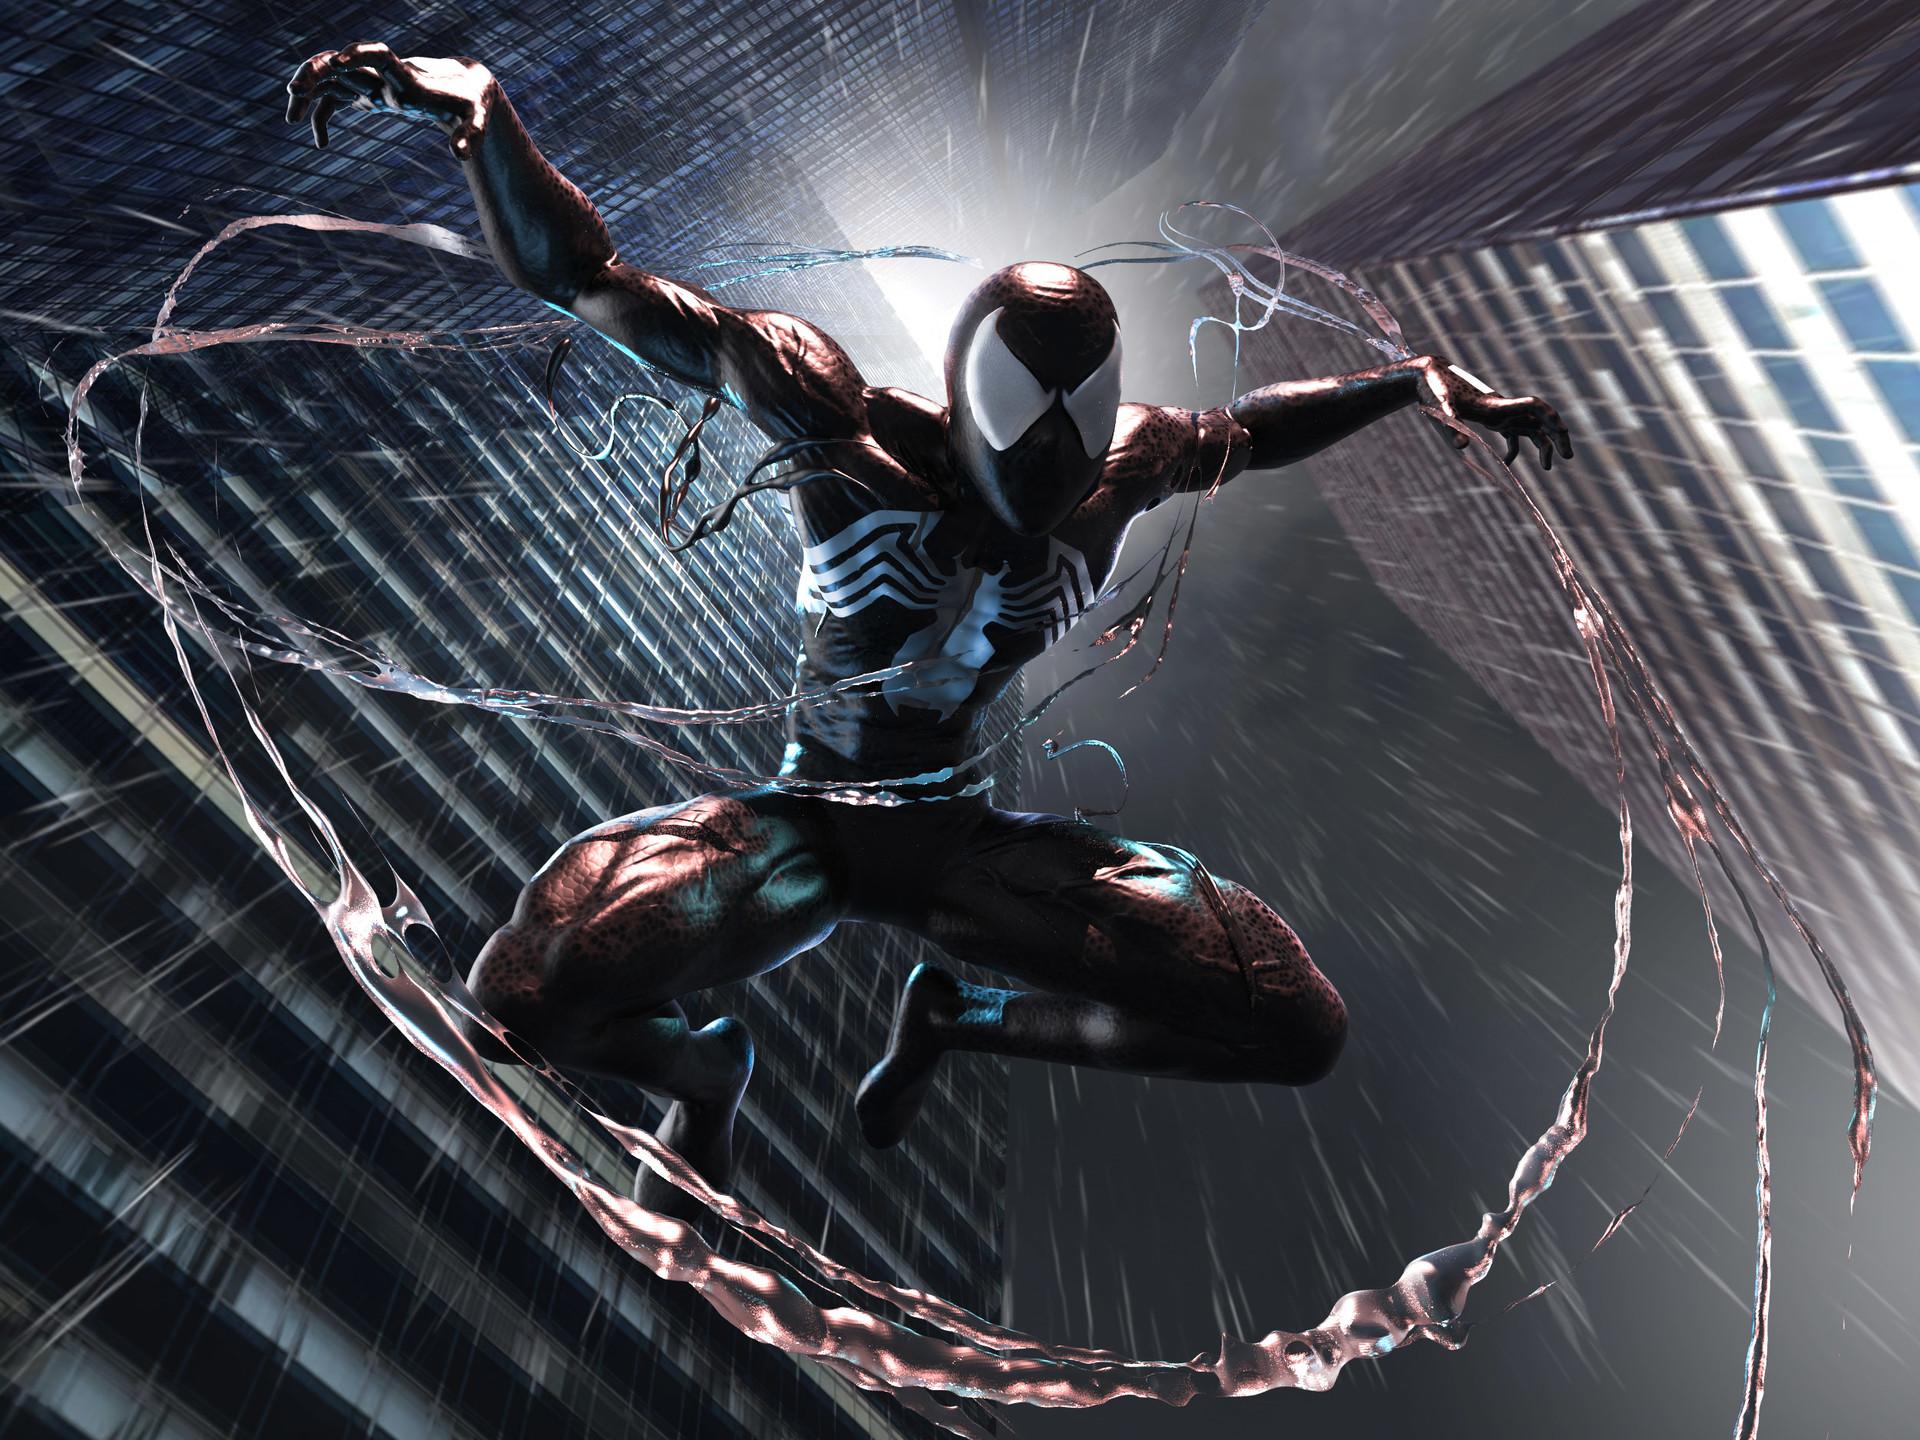 Человек-паук картинки на рабочий стол телефона